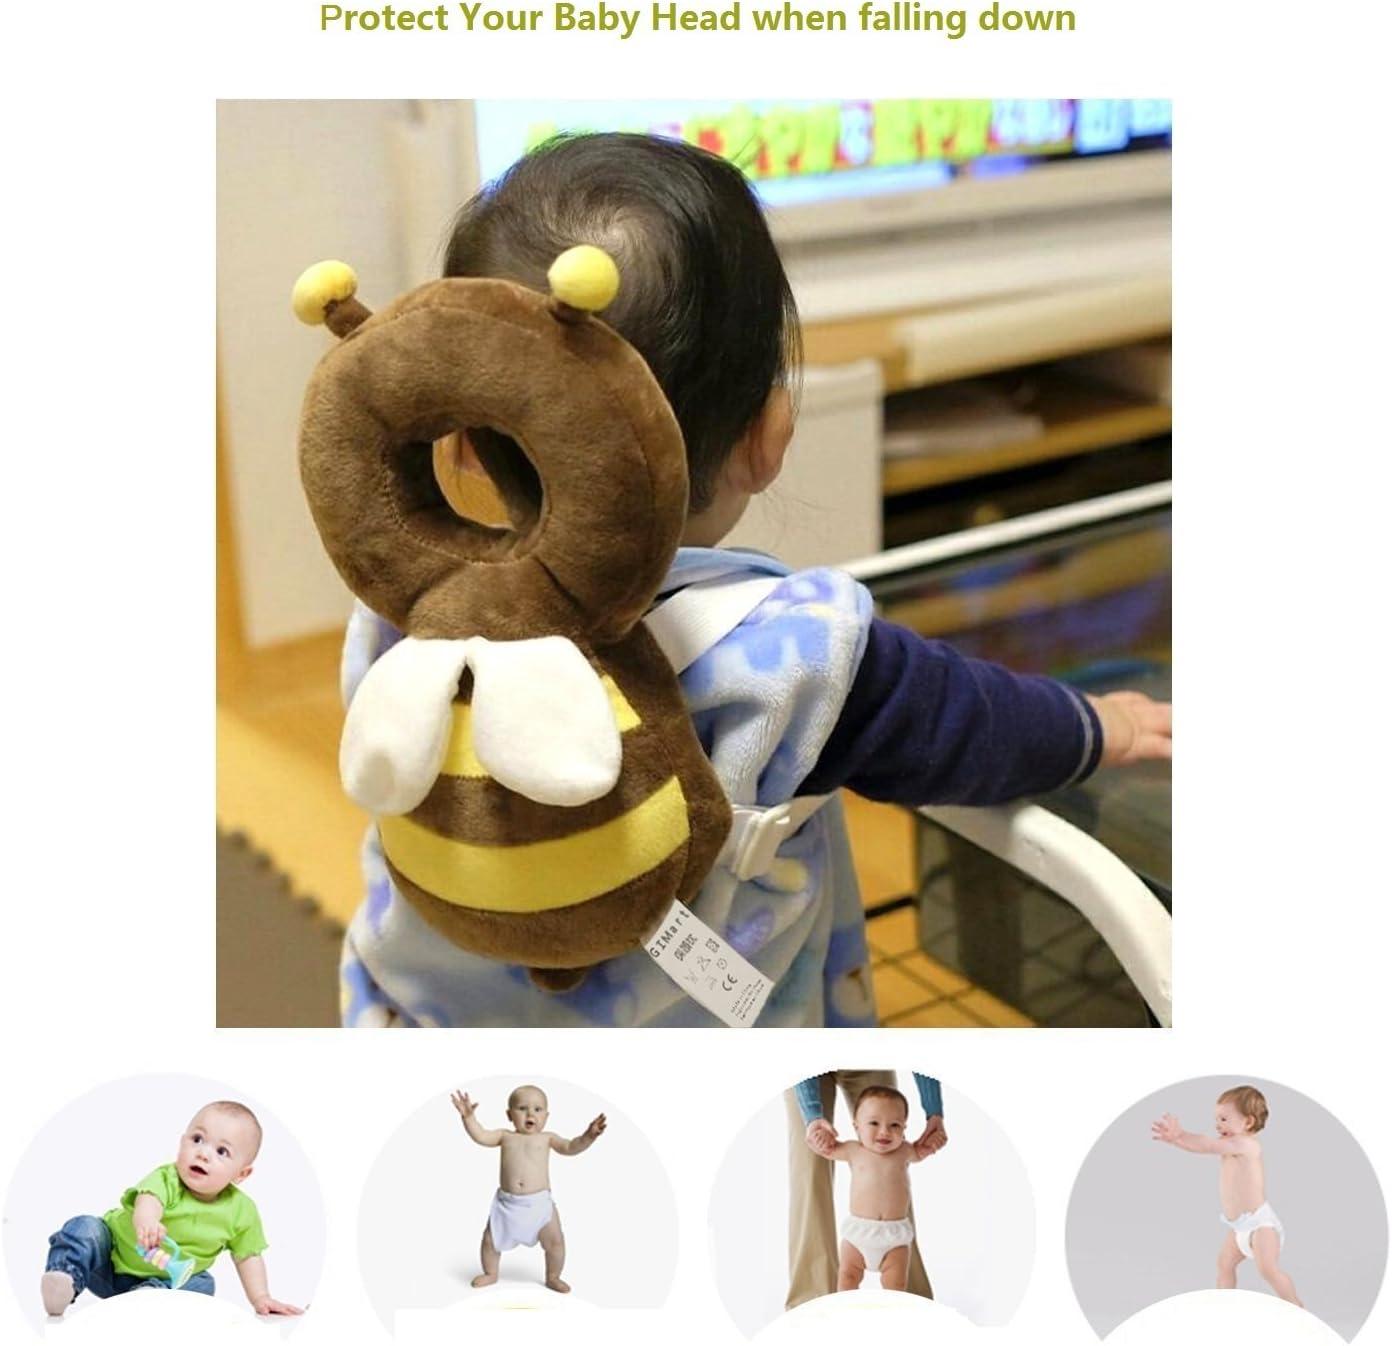 newin Star Cuscino di protezione testa cuscino da neonato protezione Cuscino poggiatesta regolabile per proteggere la testa collo e colonna andadores Ape Marrone//toma/ño L